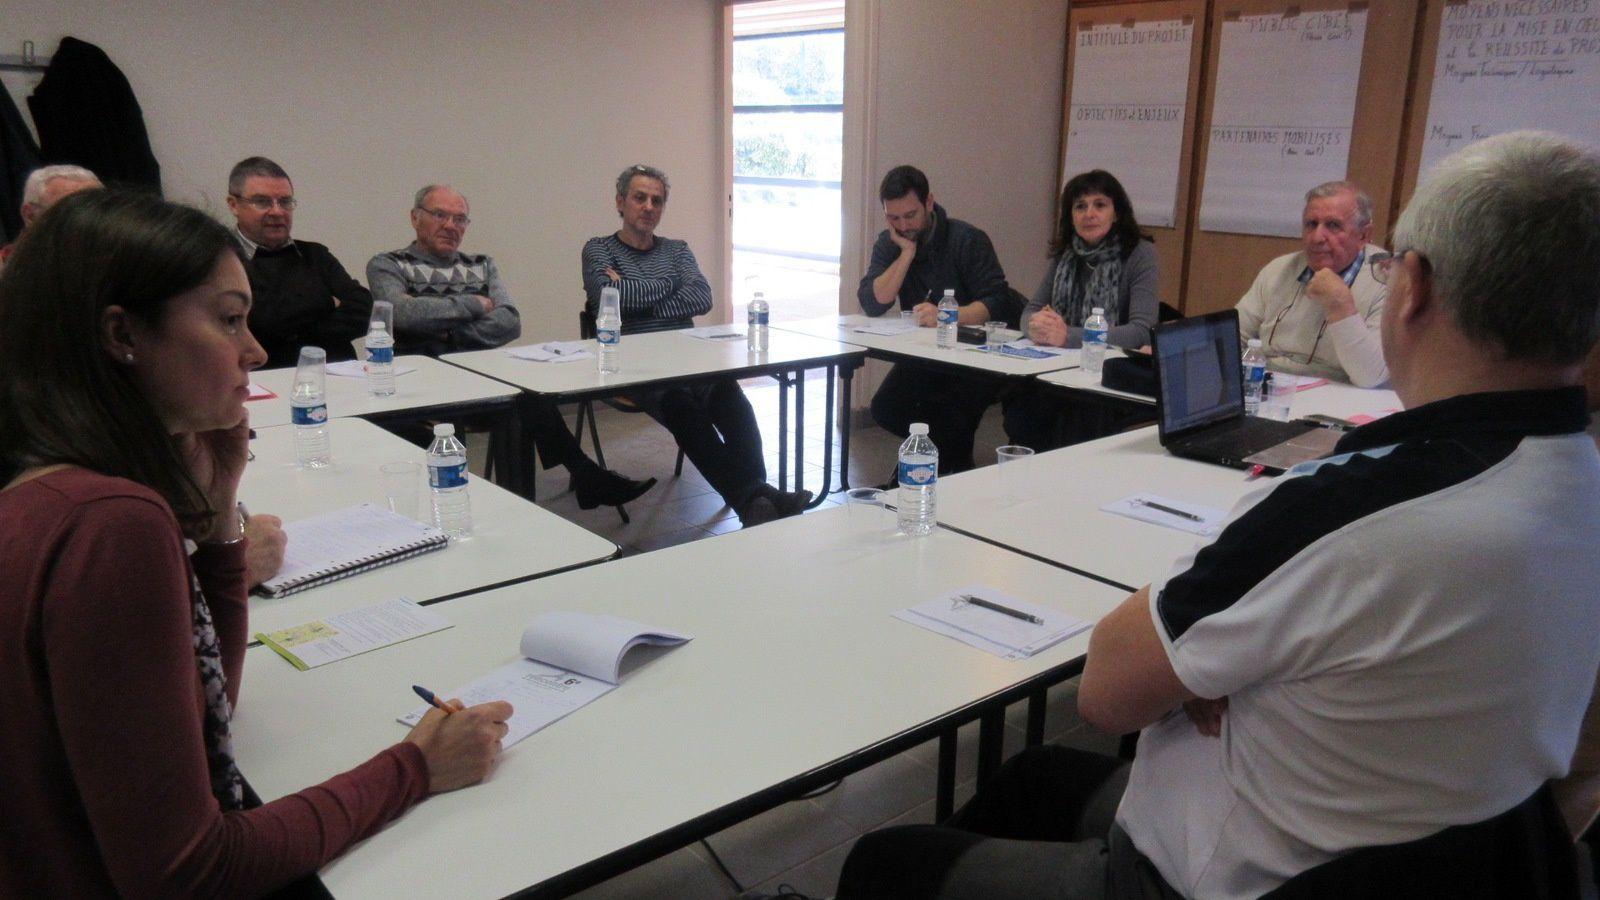 La rencontre Ville/OMS/Mouvement sportif est une démarche participative d'échanges et de reflexions